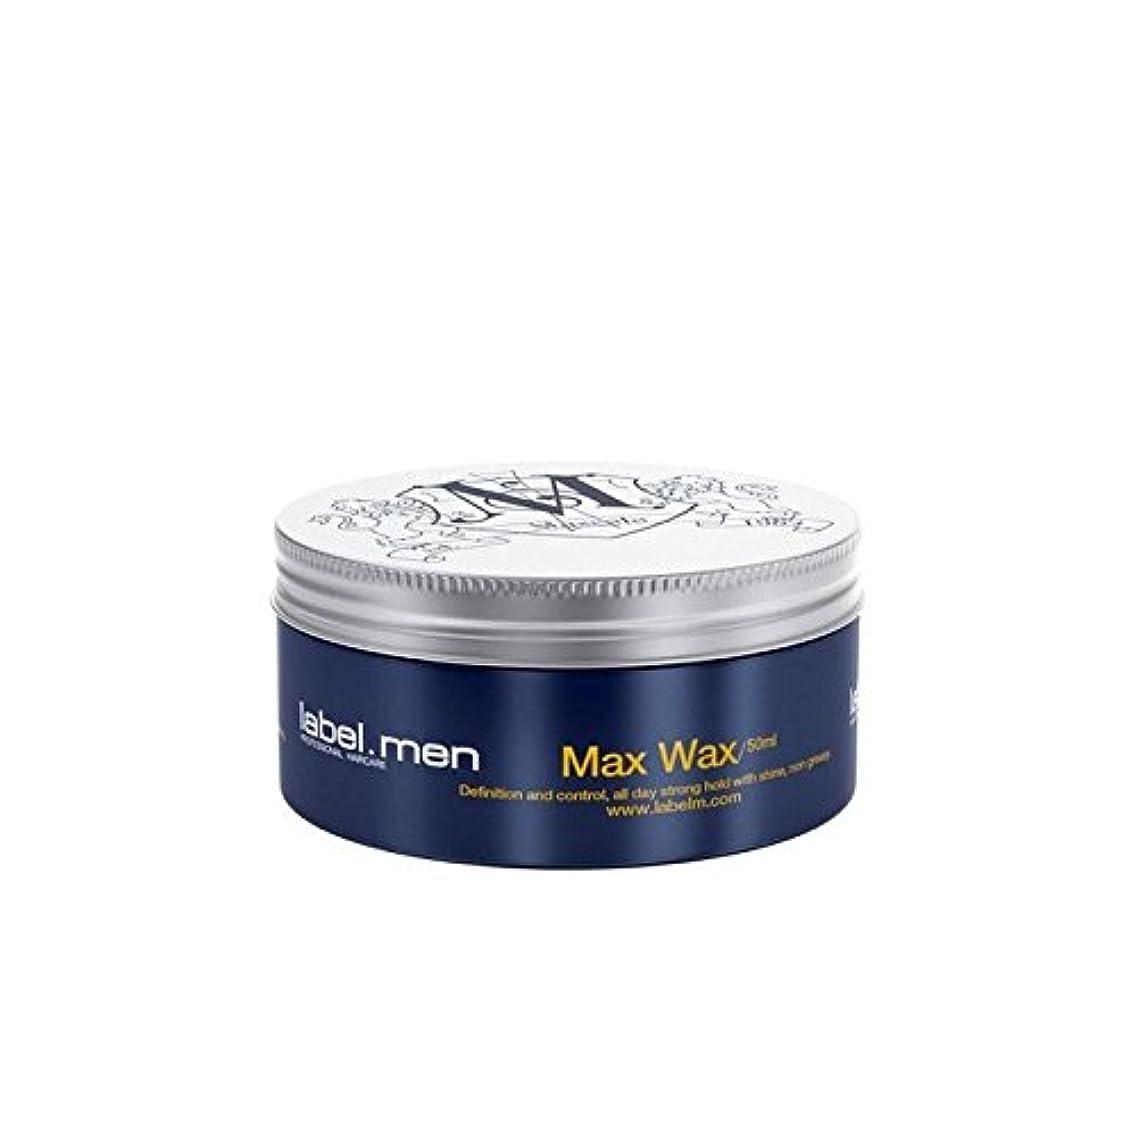 バイパス逸話写真を撮るLabel.Men Max Wax (50ml) (Pack of 6) - .マックスワックス(50ミリリットル) x6 [並行輸入品]